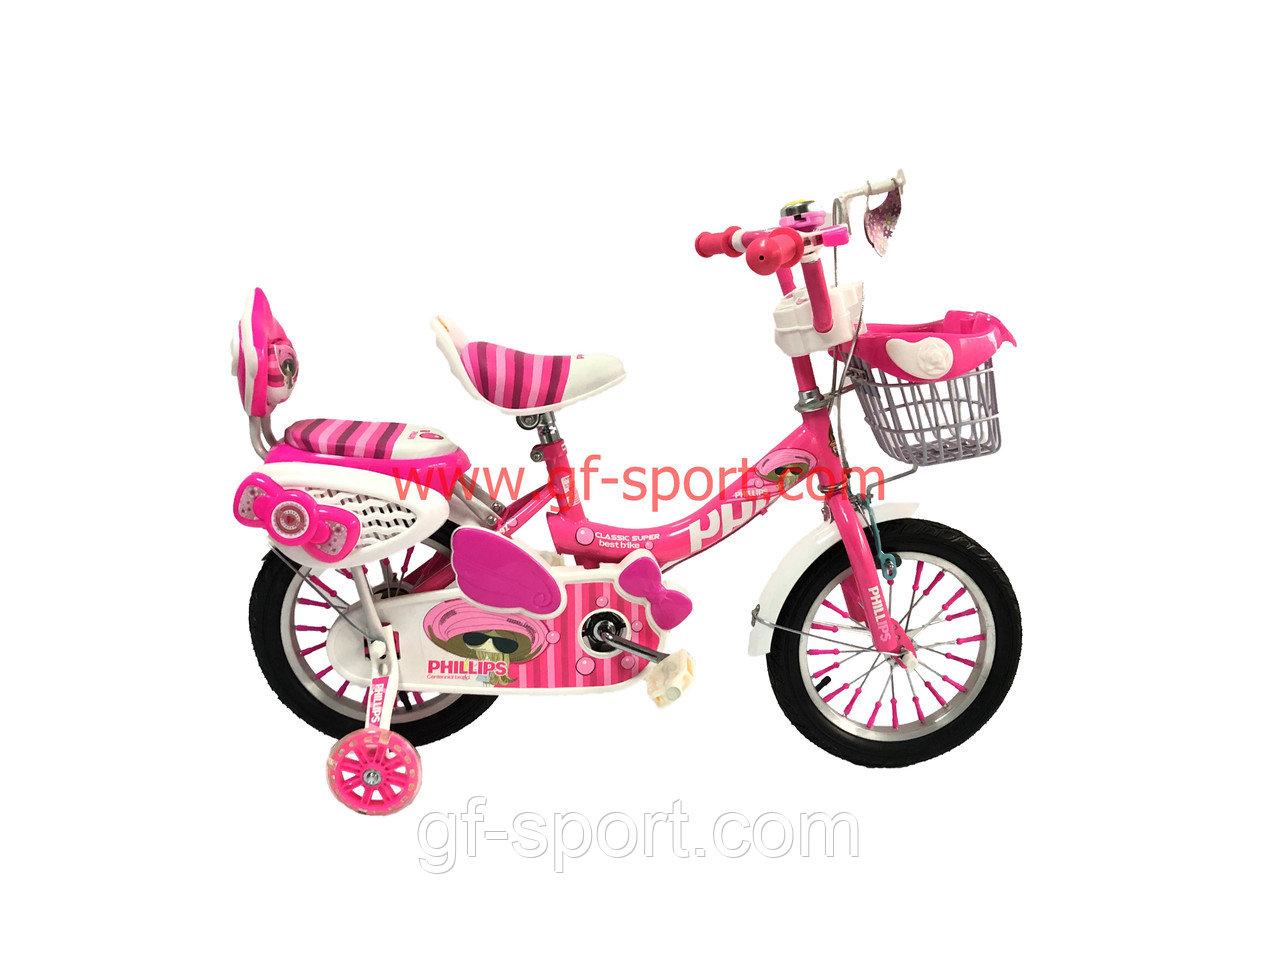 Велосипед Phillips Принцесса розовый оригинал детский с холостым ходом 14 размер